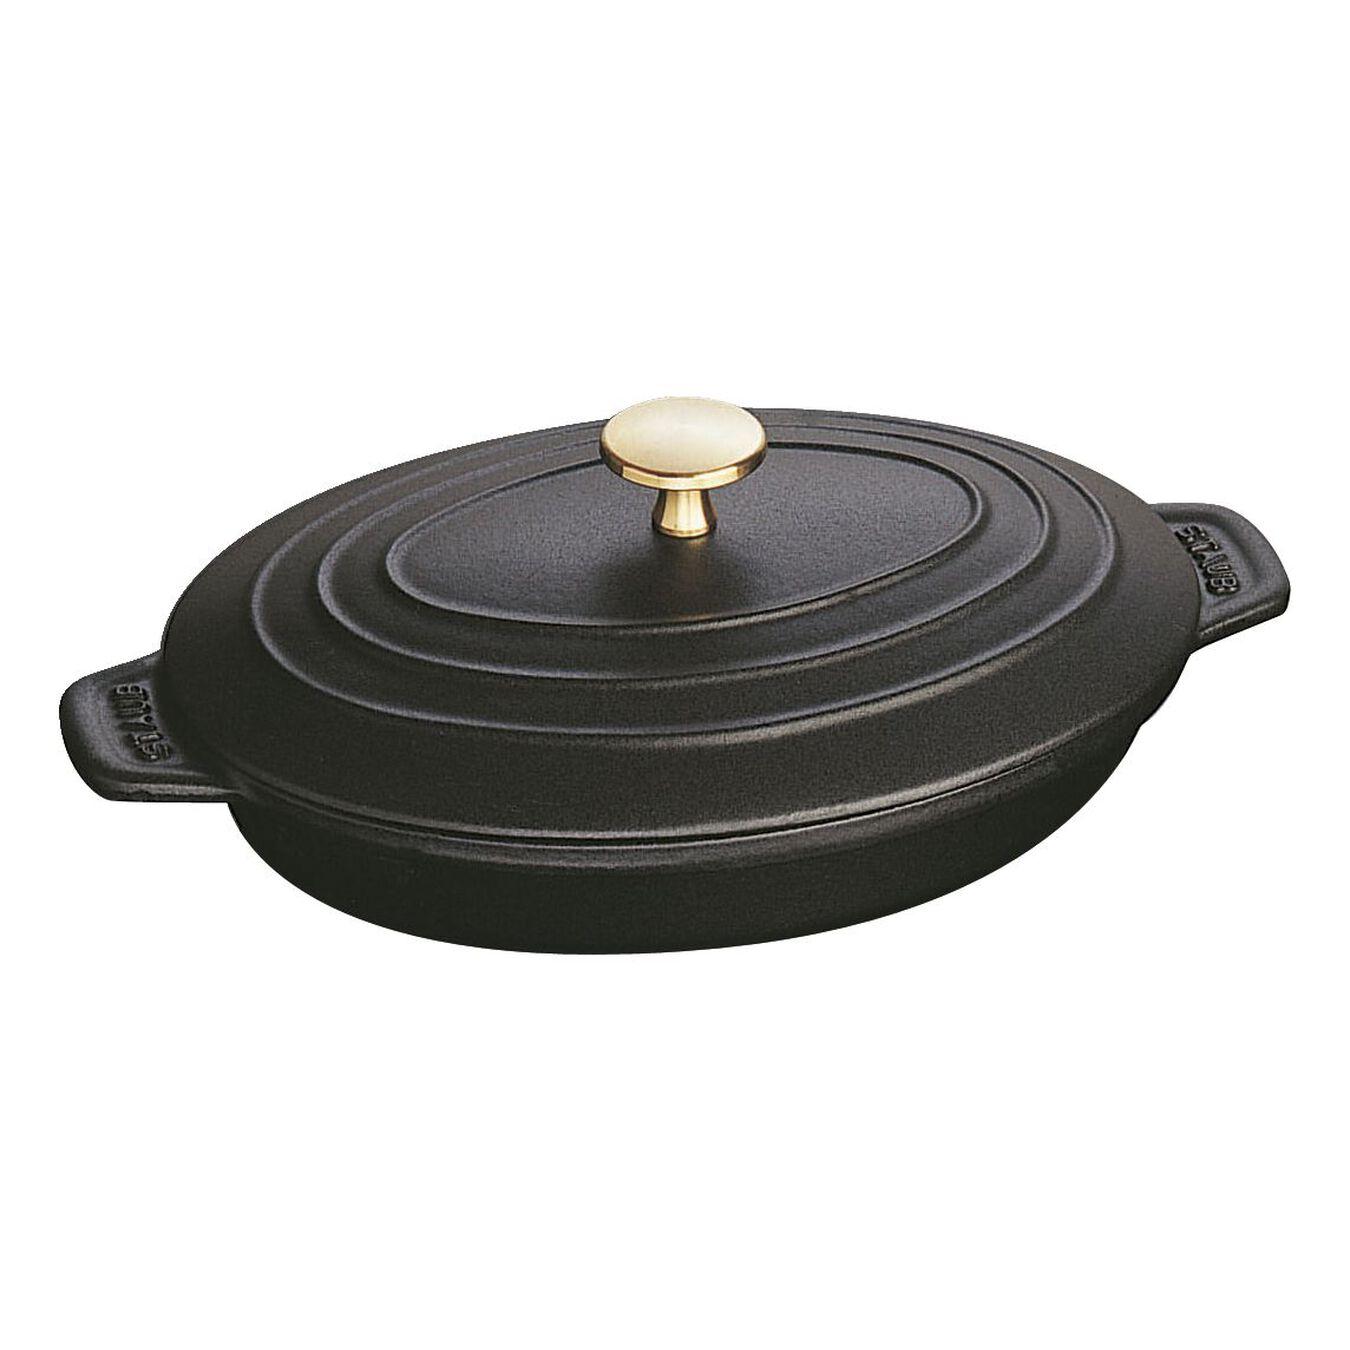 Kapaklı Servis Tabağı  | Döküm Demir | 23 cm | Siyah,,large 2